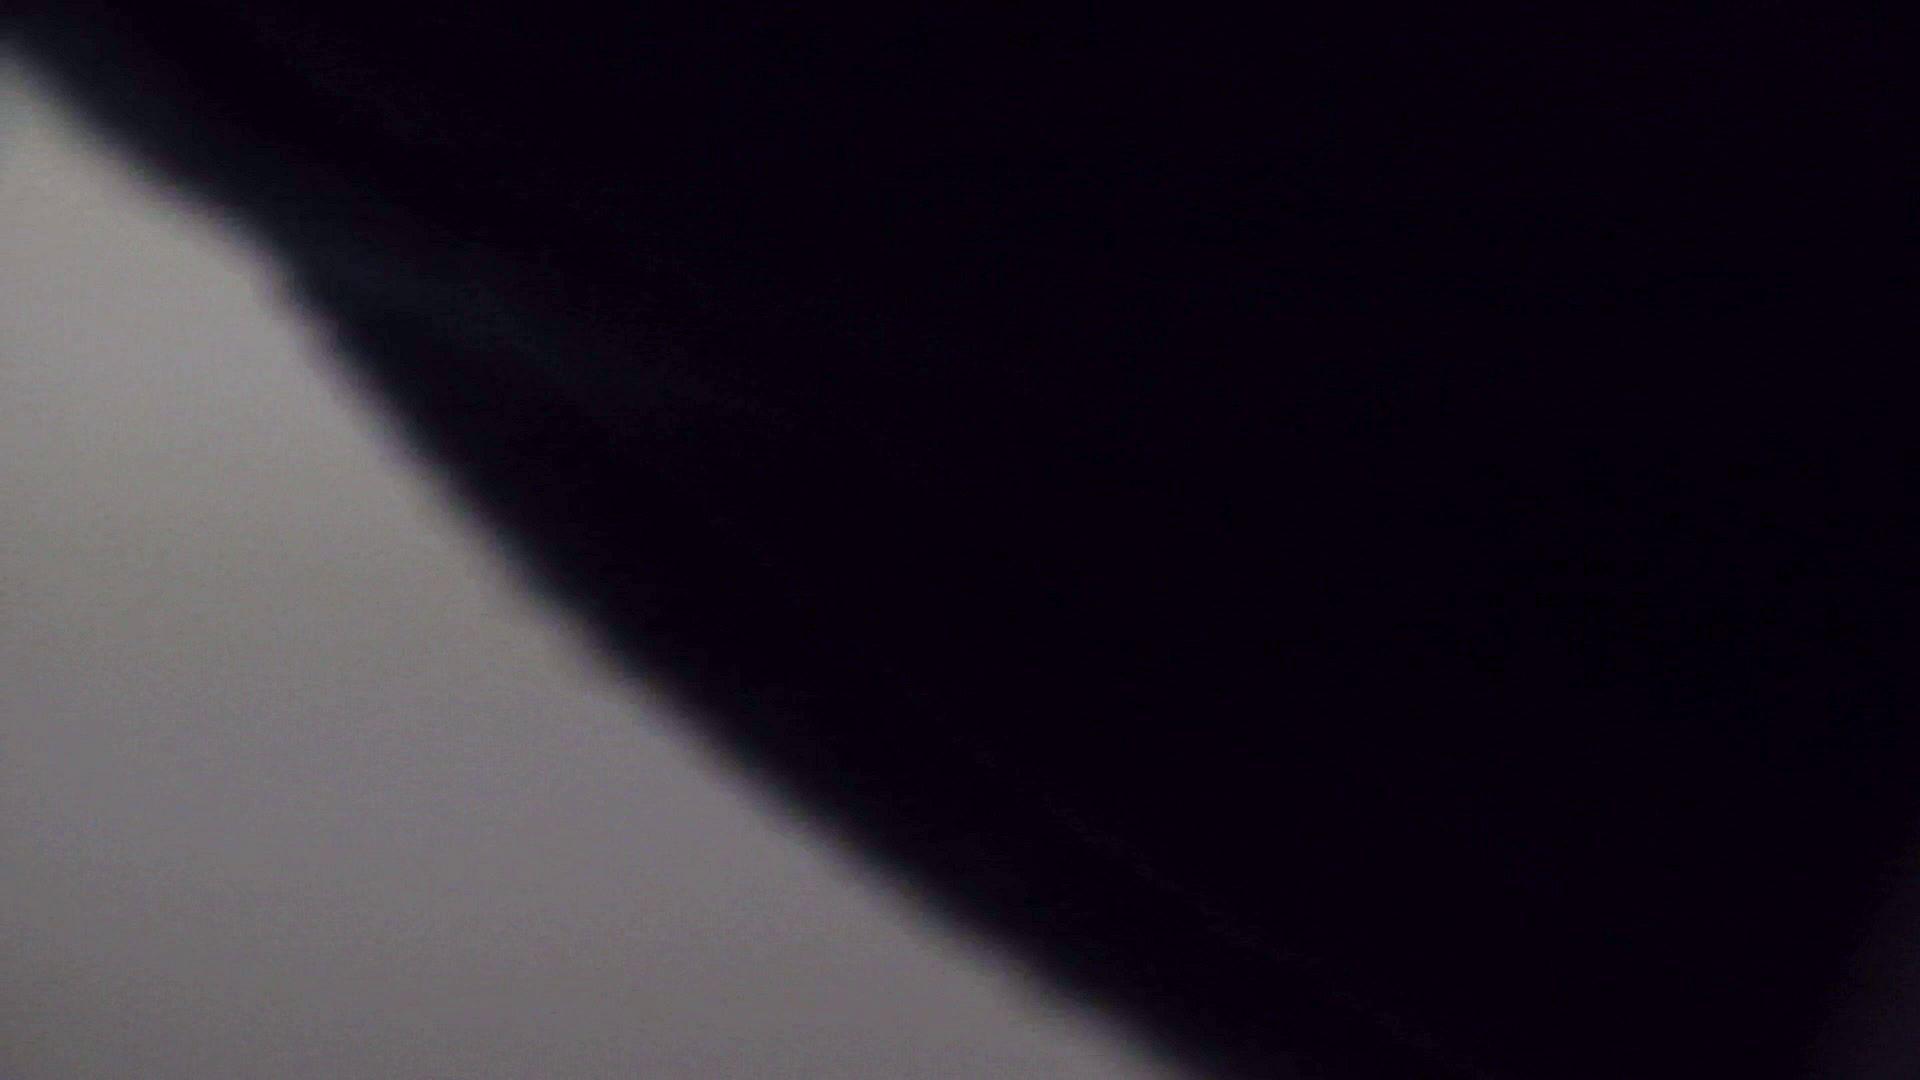 vol.04 命がけ潜伏洗面所! オシリのお肌が荒れ気味ですか? エロティックなOL アダルト動画キャプチャ 72画像 66